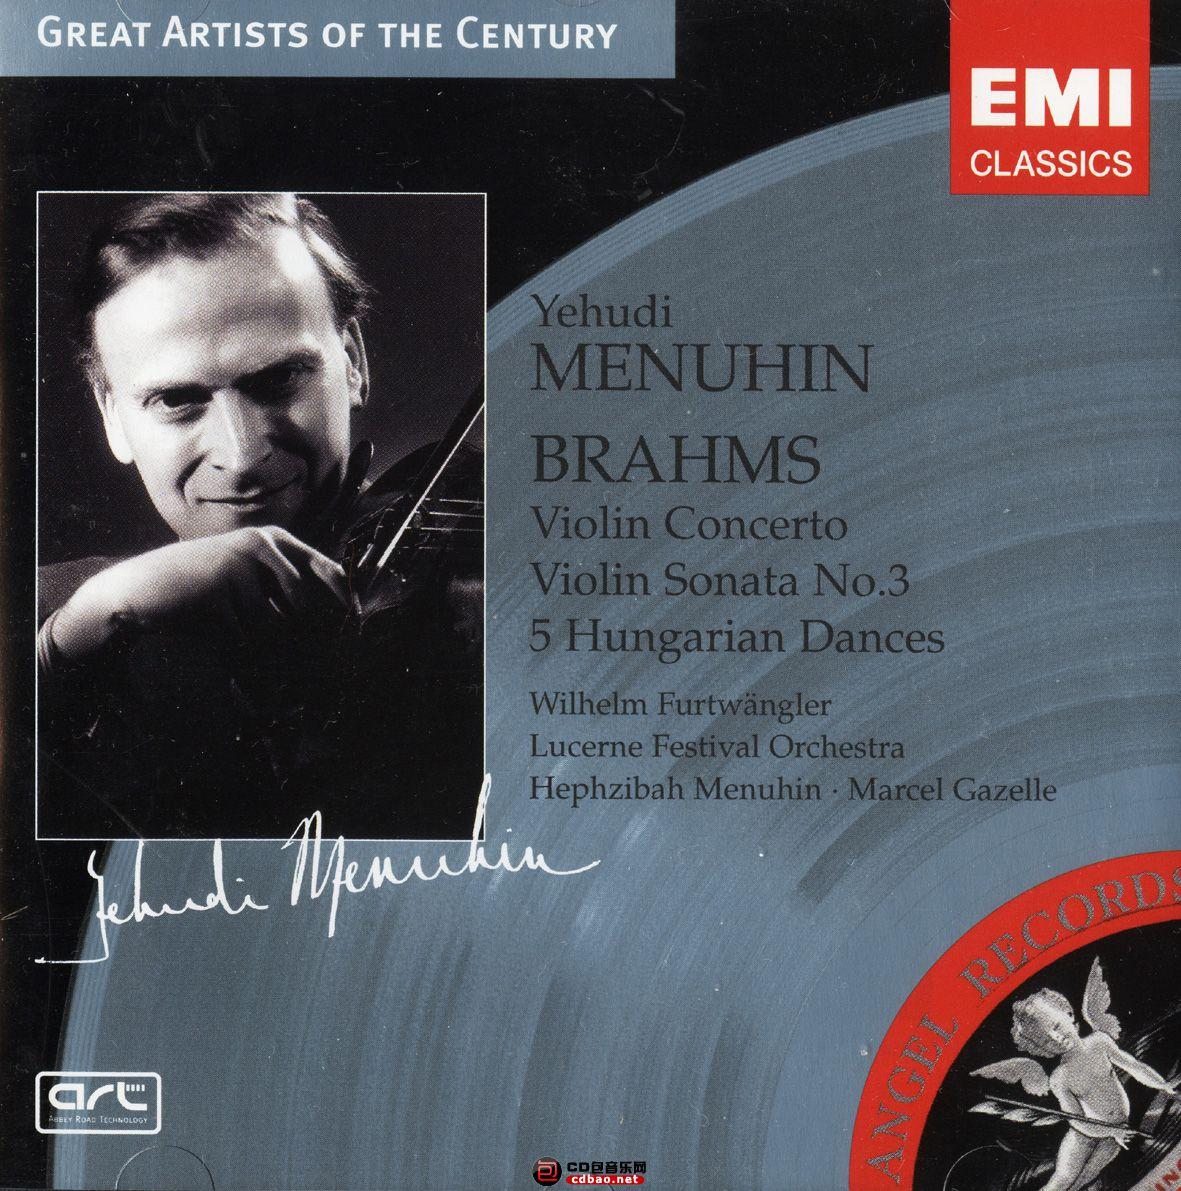 Menuhin_Brahms Violin Concerto.01.jpg